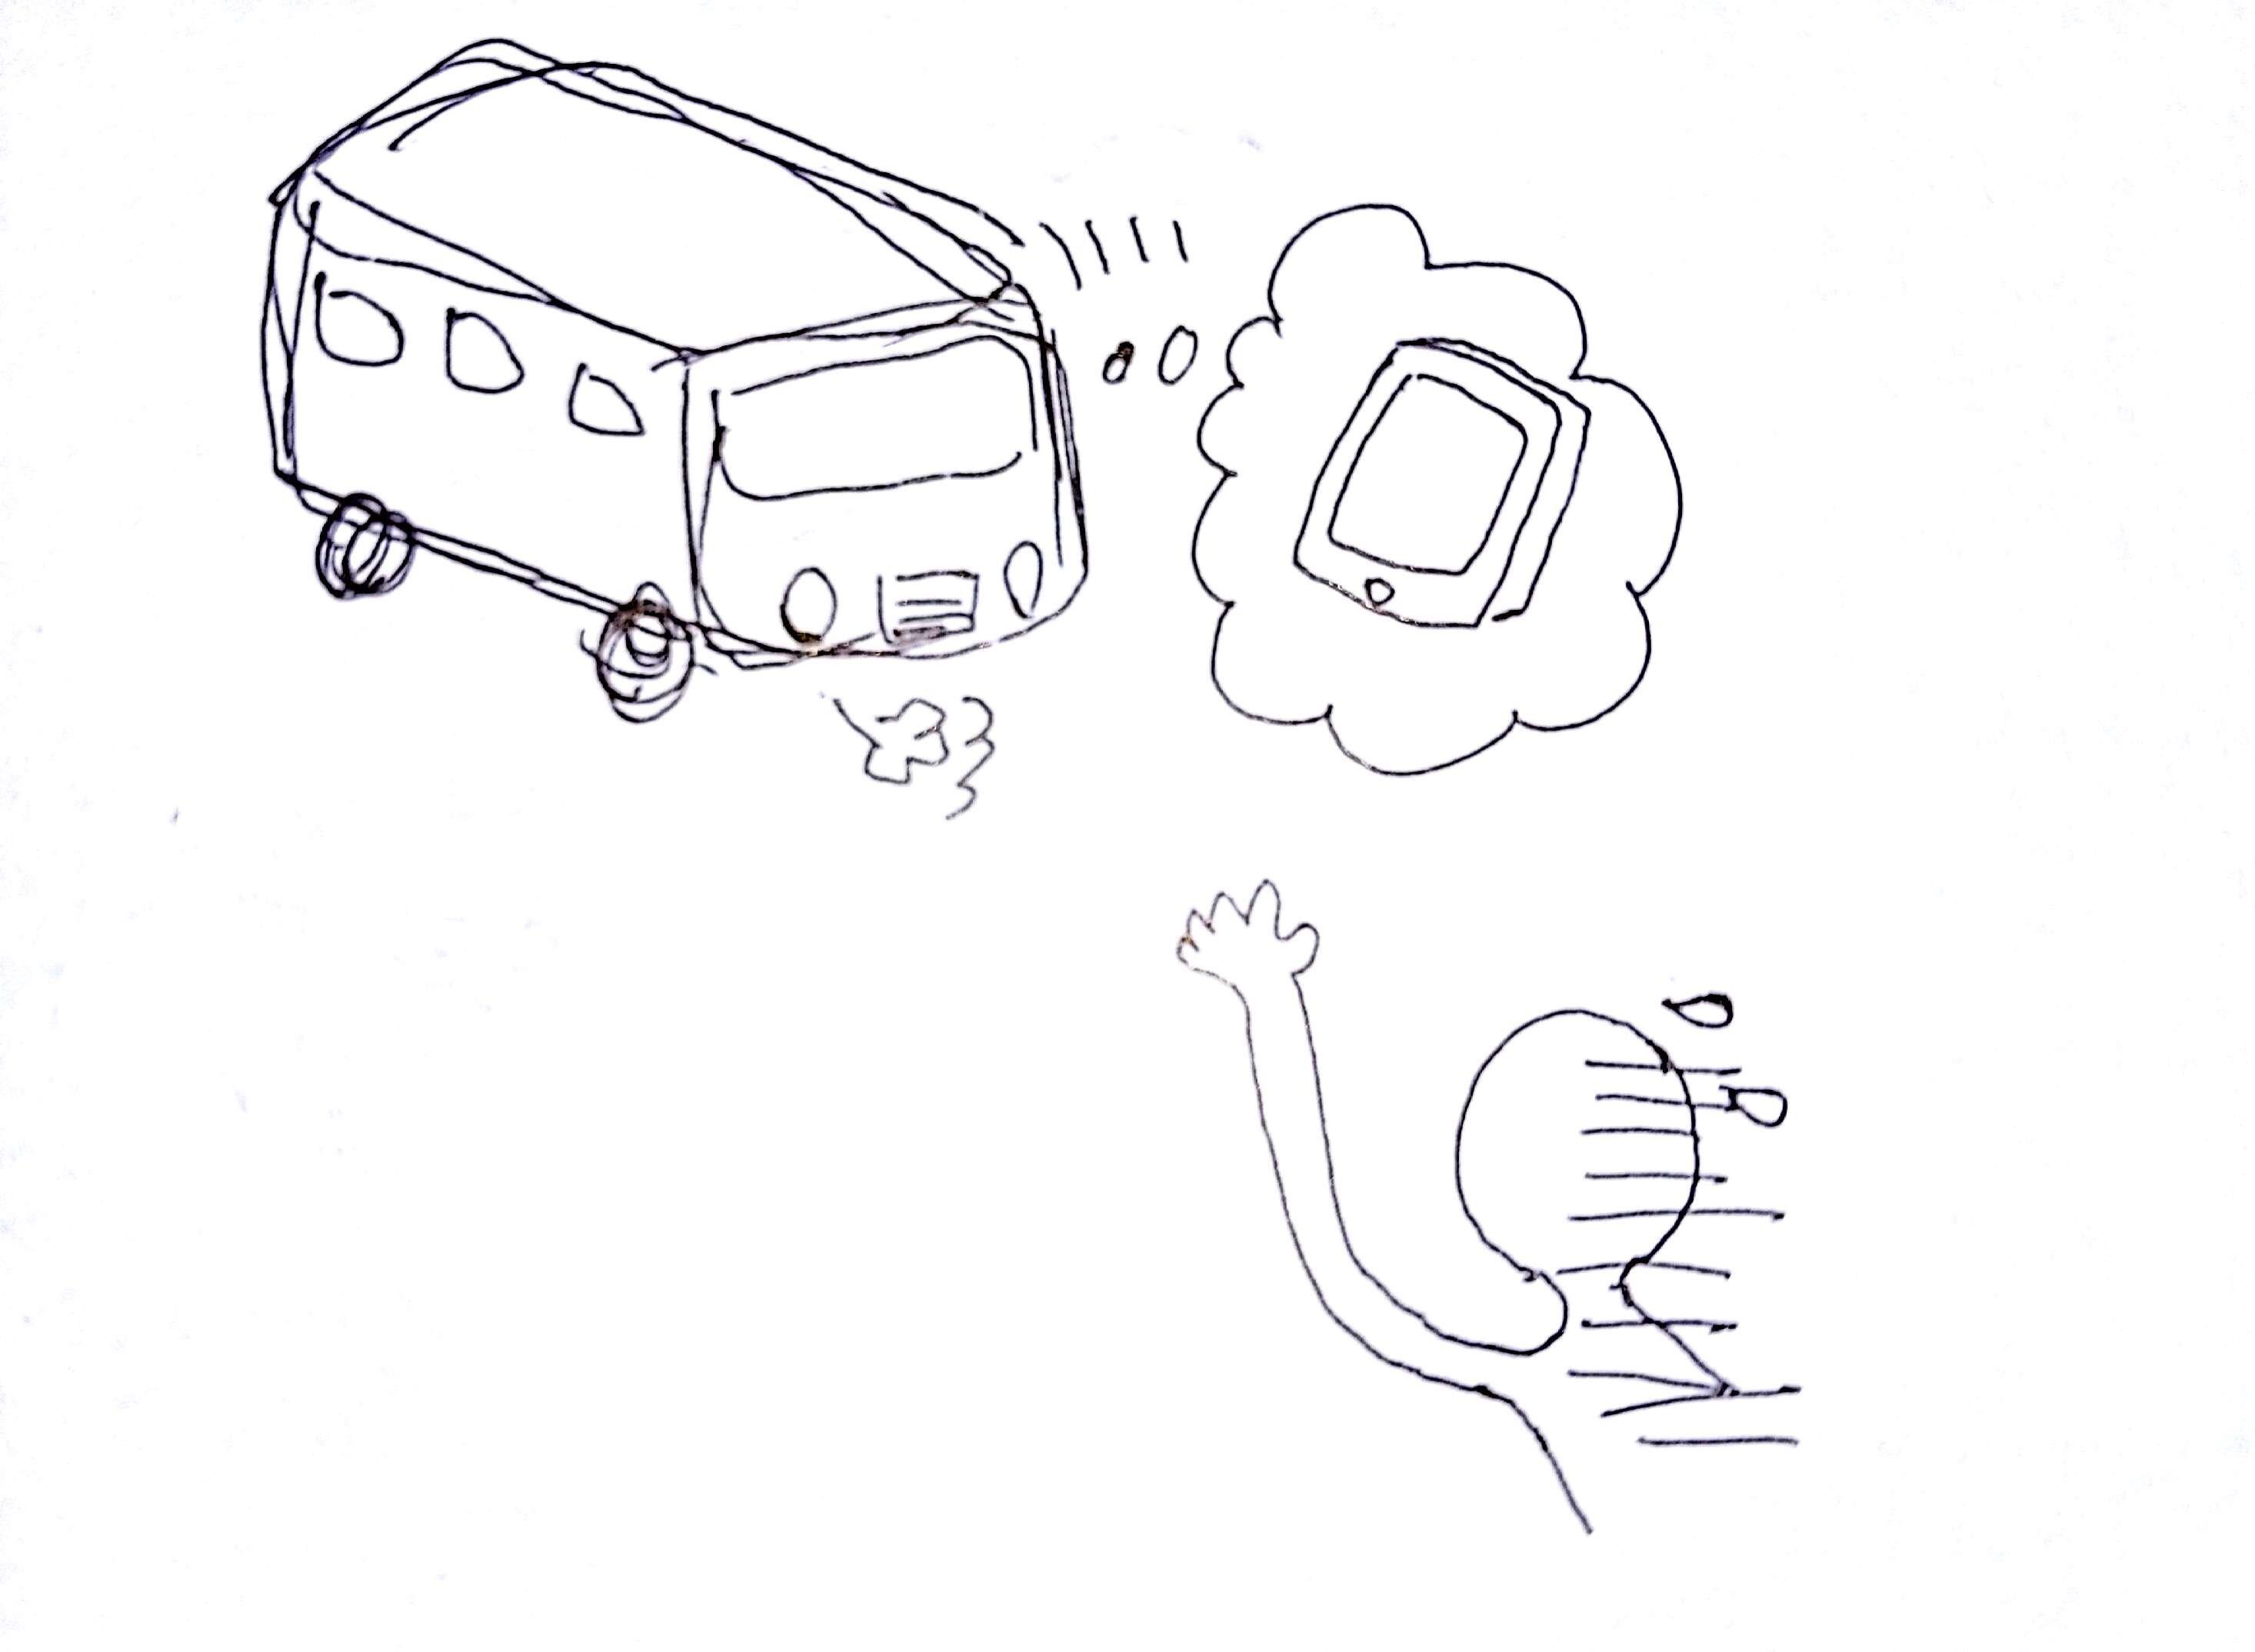 【android】壊れたスマホを0円で修理できることがある!?【au 】